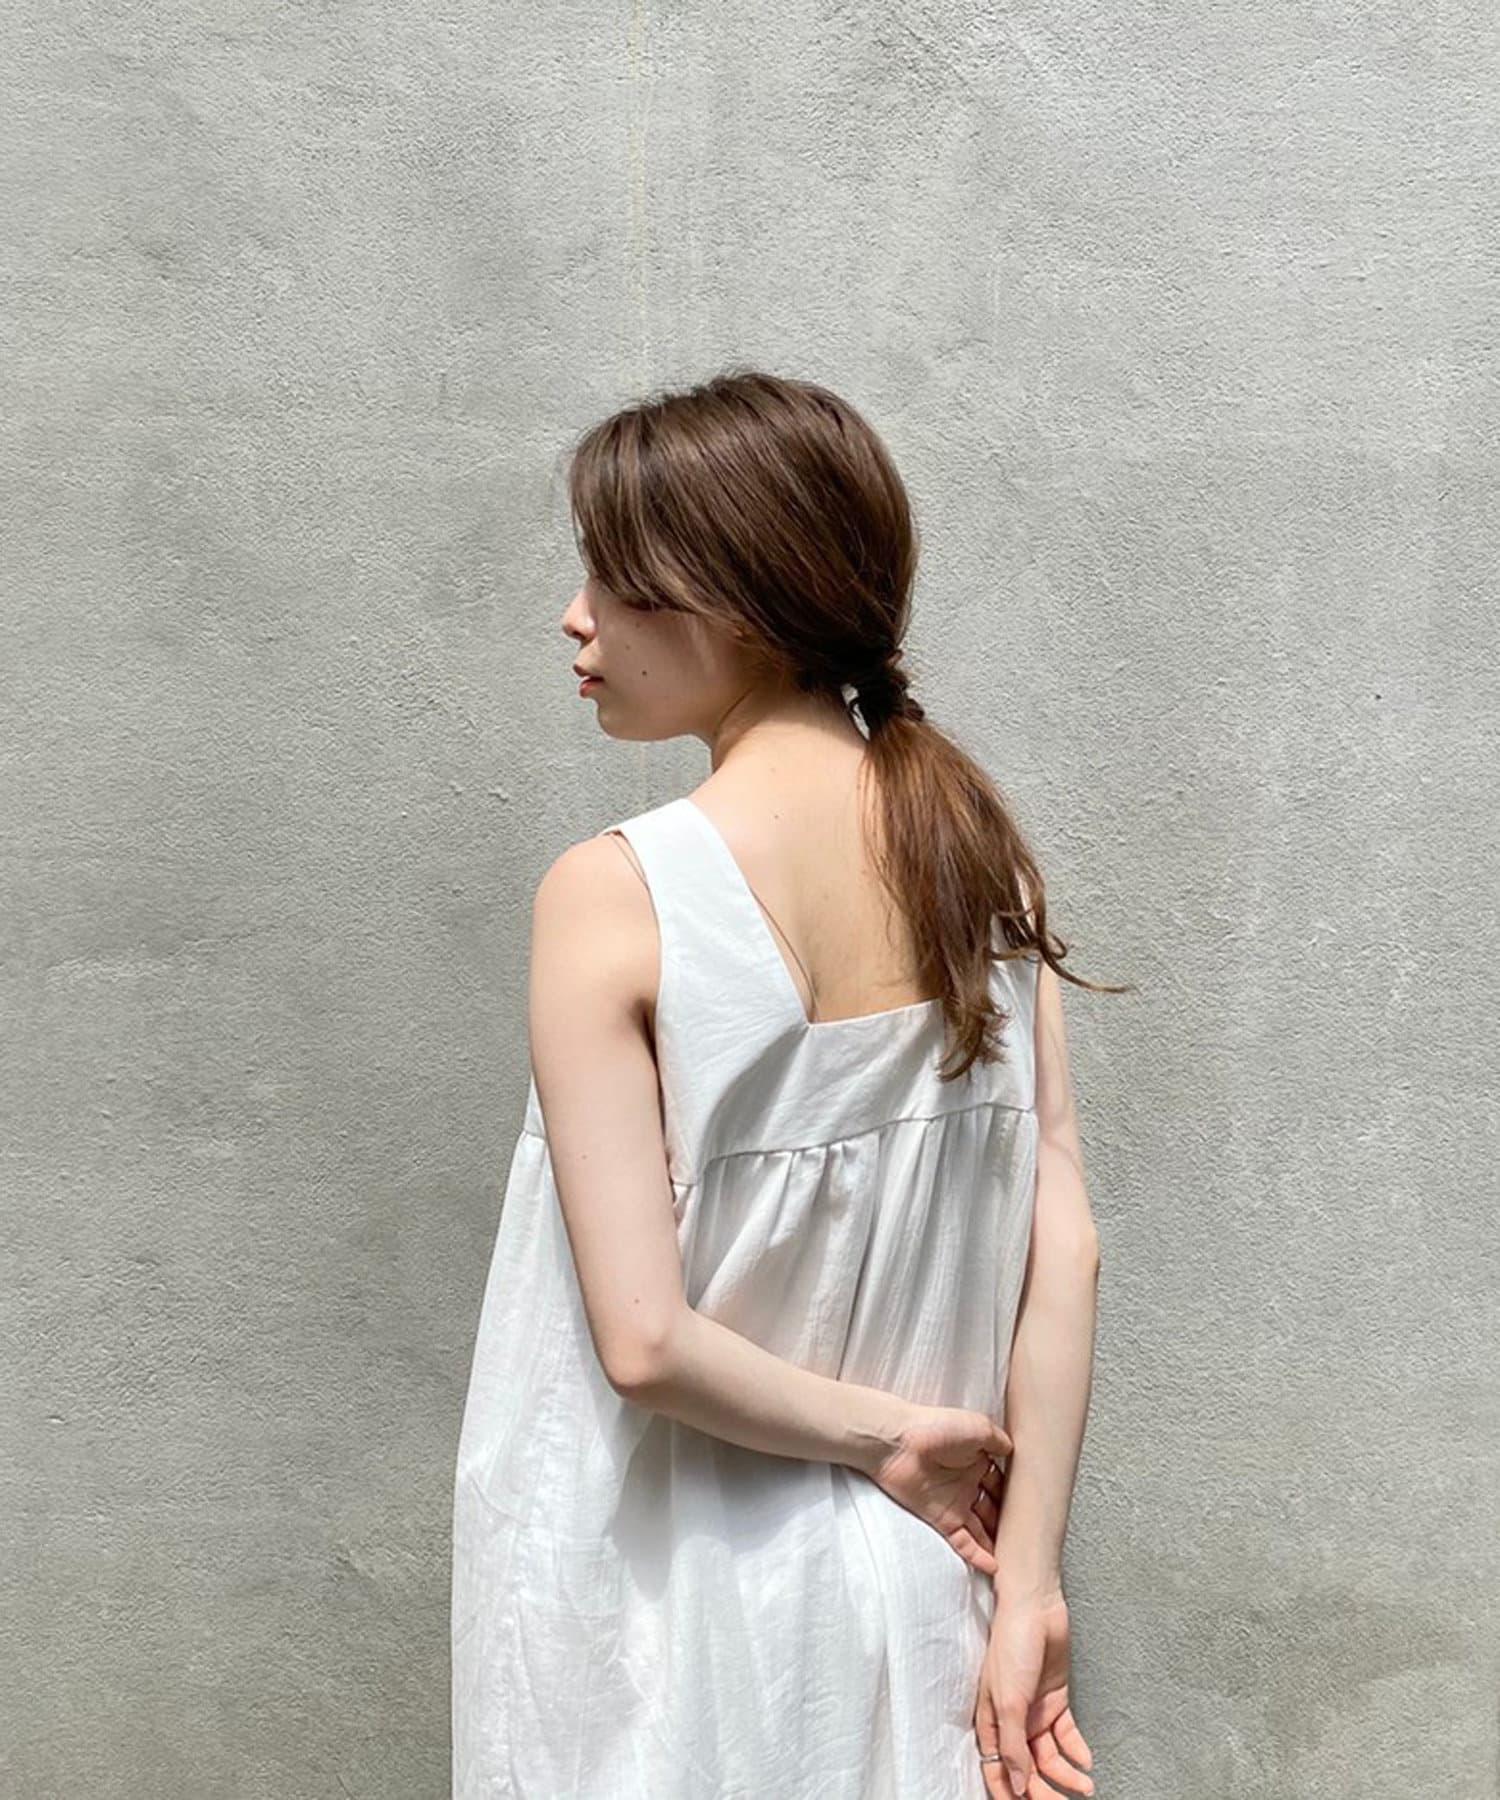 Kastane(カスタネ) 【 ONEME 】 Lily Dress